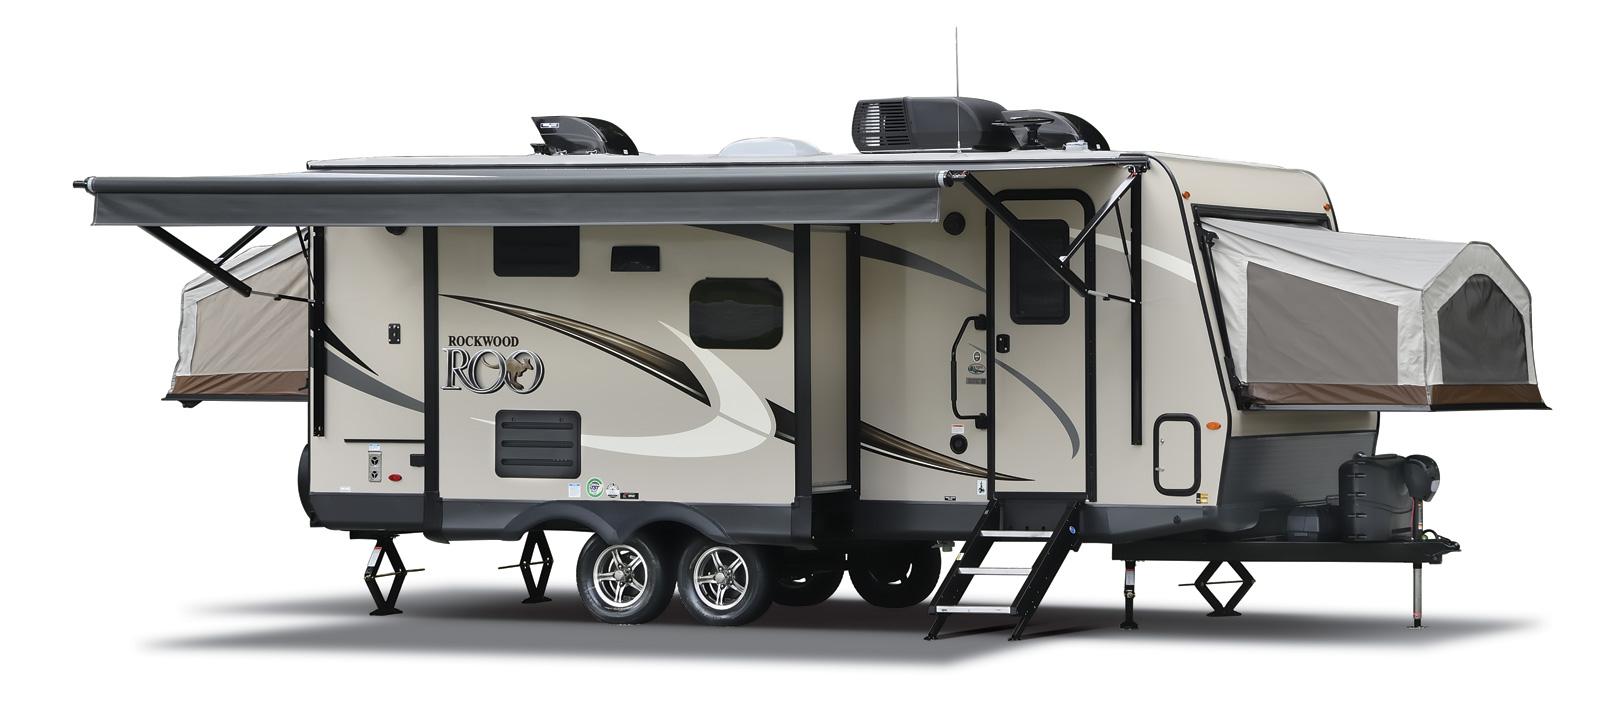 Rockwood Roo Forest River Rv Manufacturer Of Travel